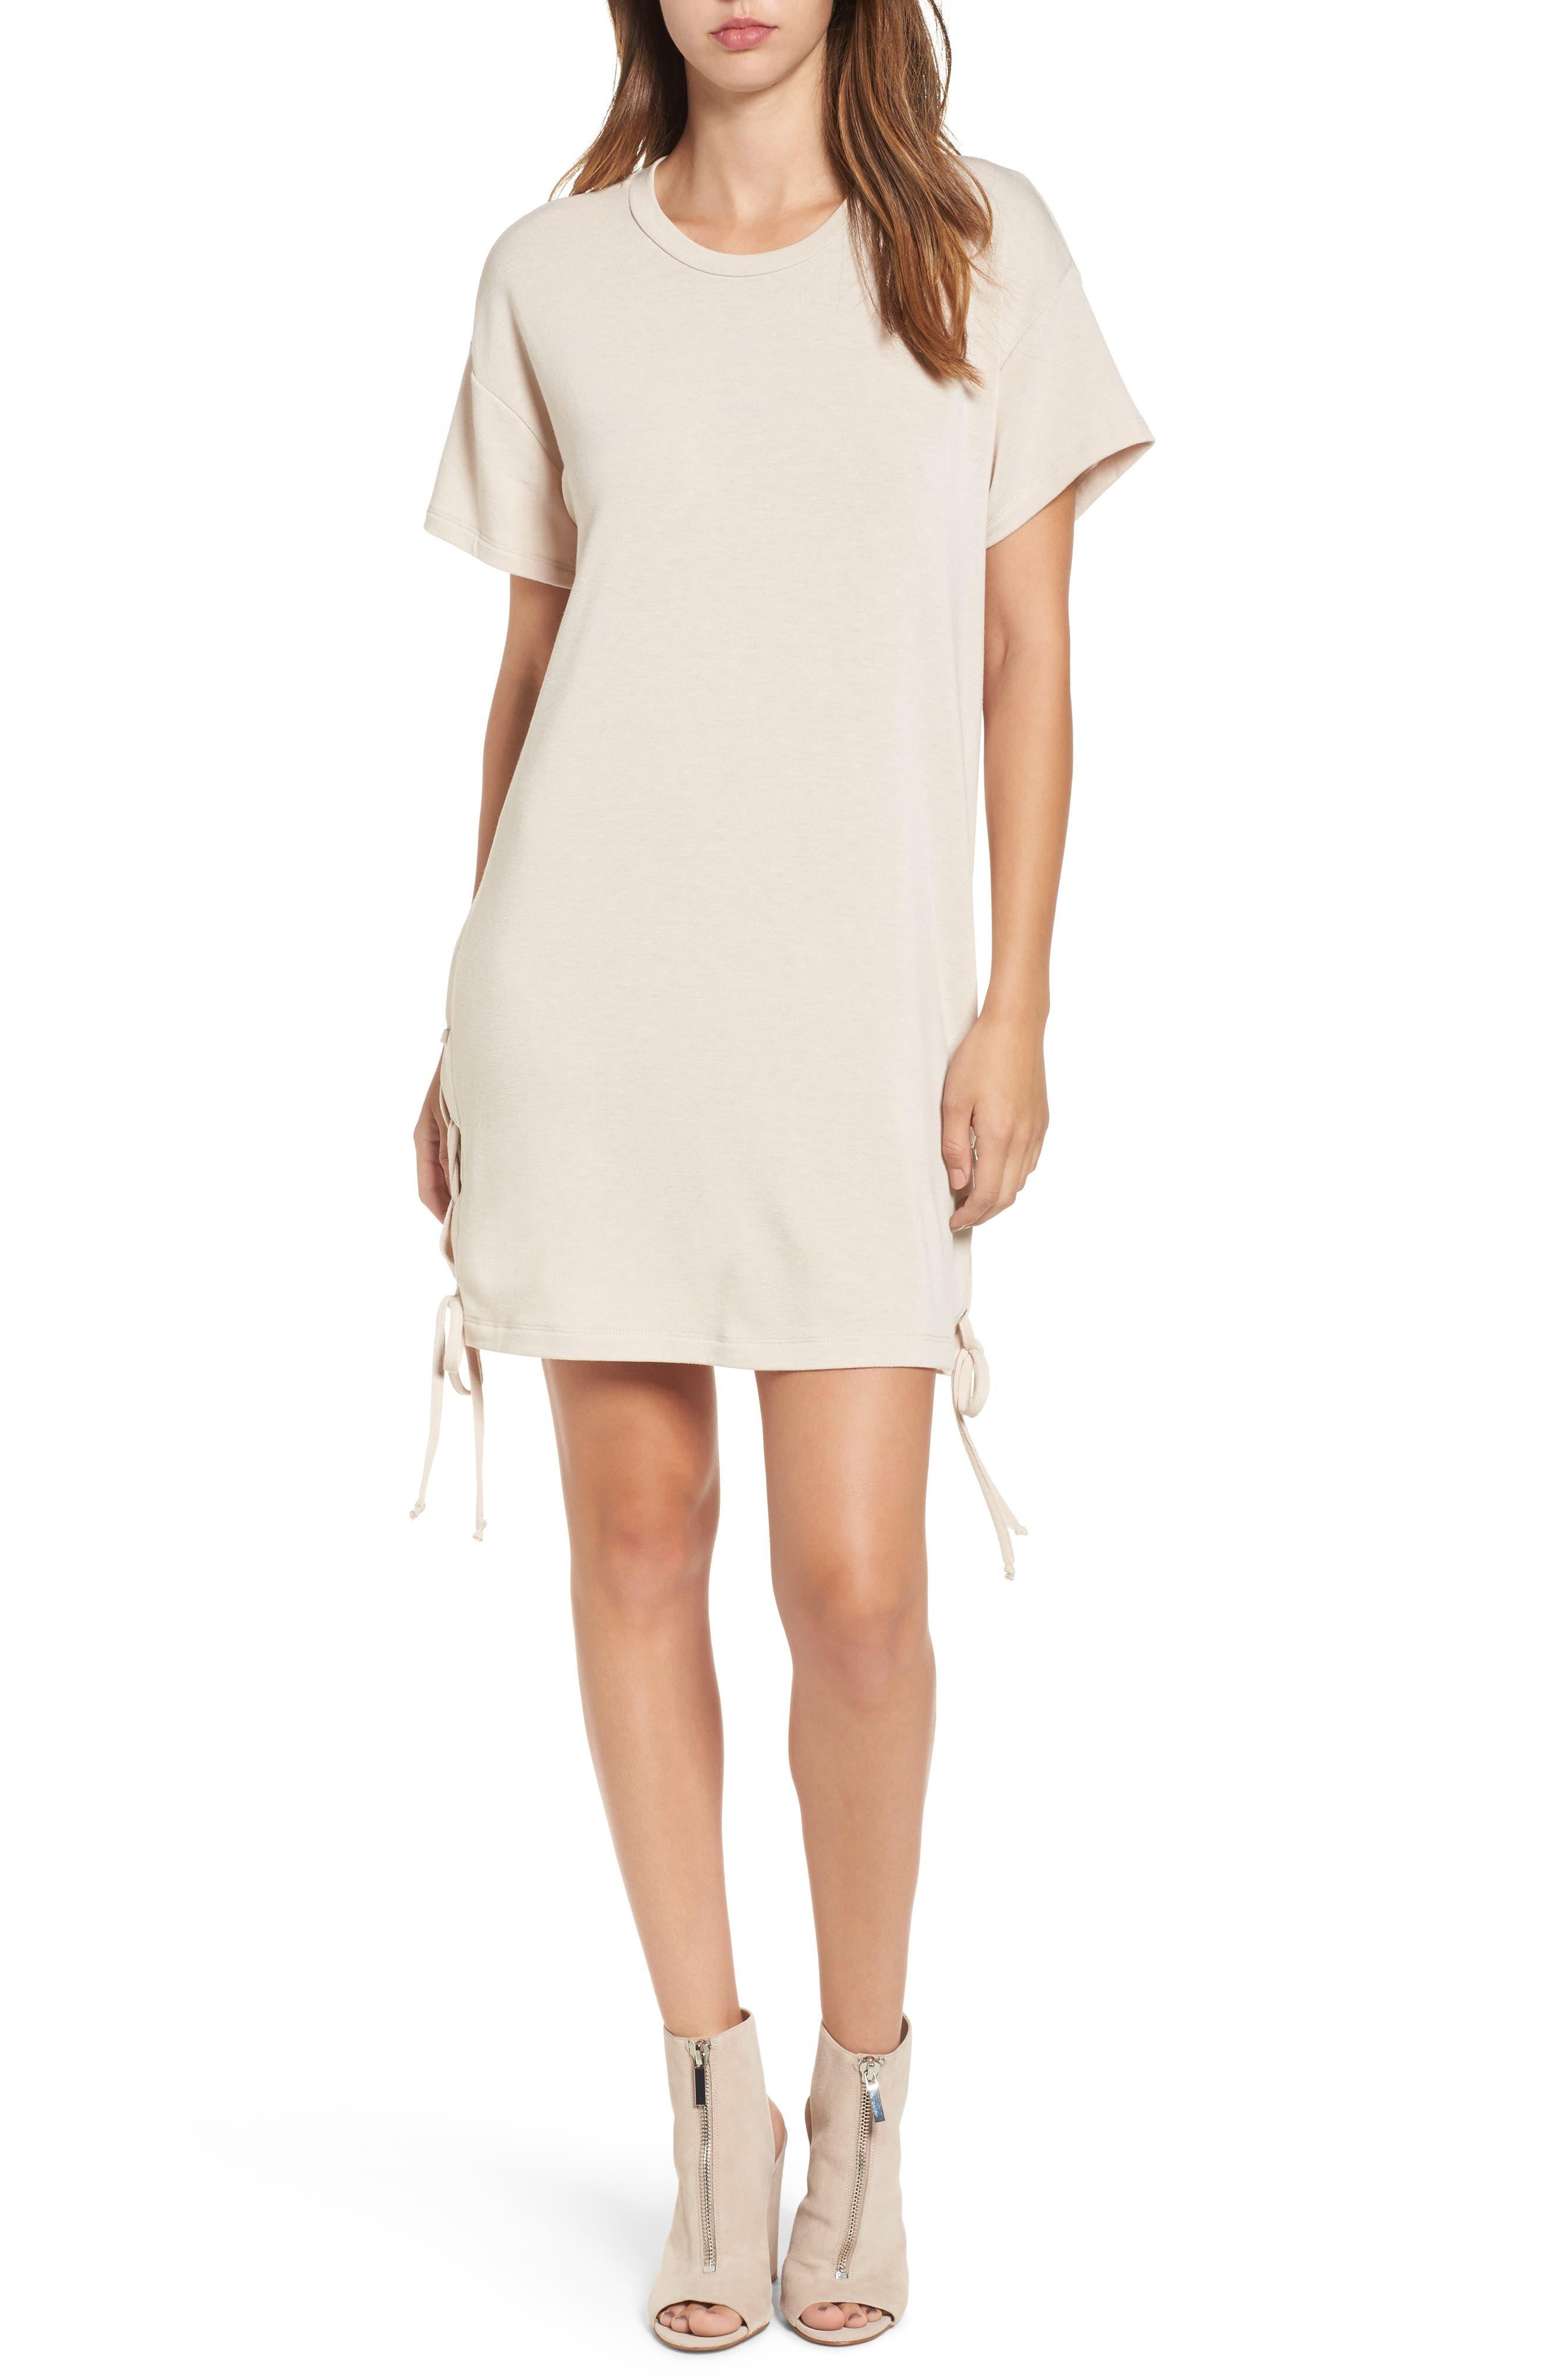 Lush Lace-Up Side T-Shirt Dress